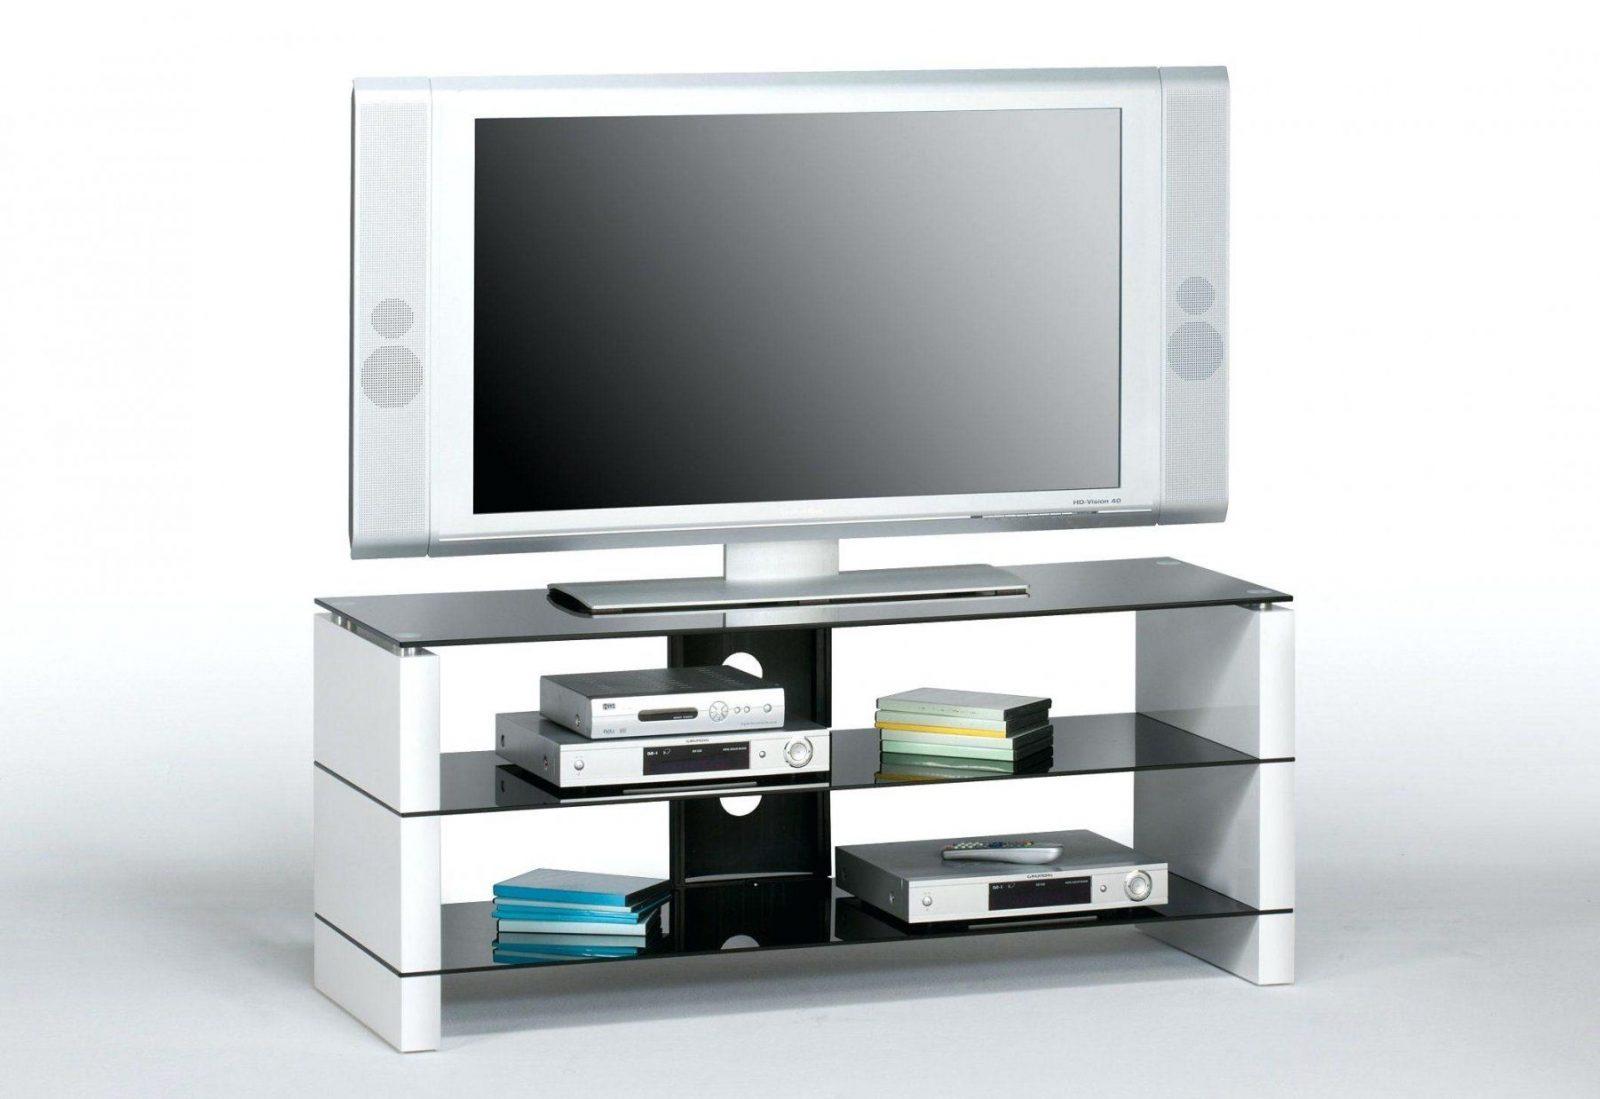 bett auf raten trotz schufa m bel auf raten ohne schufa. Black Bedroom Furniture Sets. Home Design Ideas